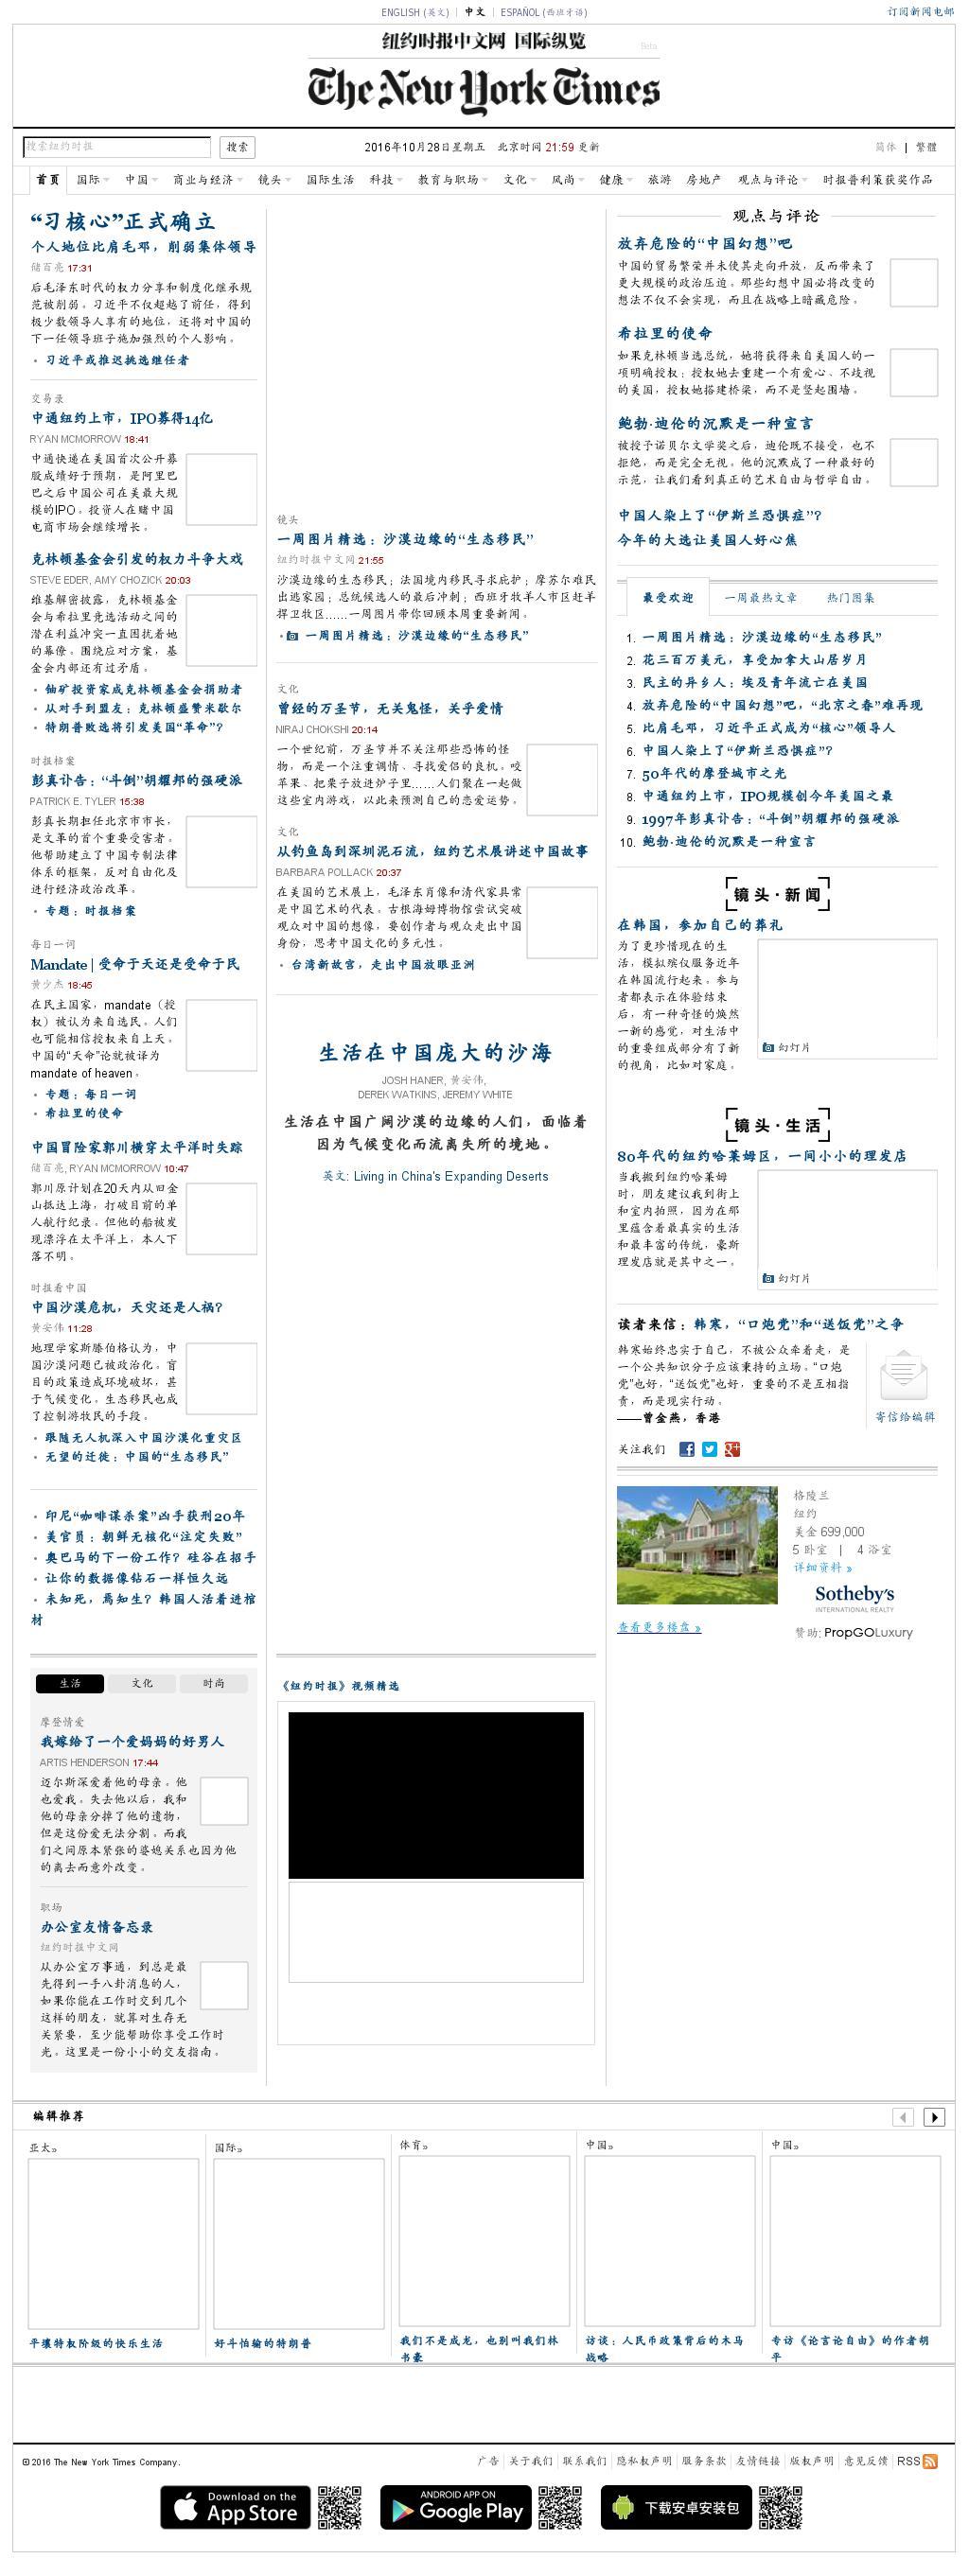 The New York Times (Chinese) at Sunday Oct. 30, 2016, 6:12 p.m. UTC